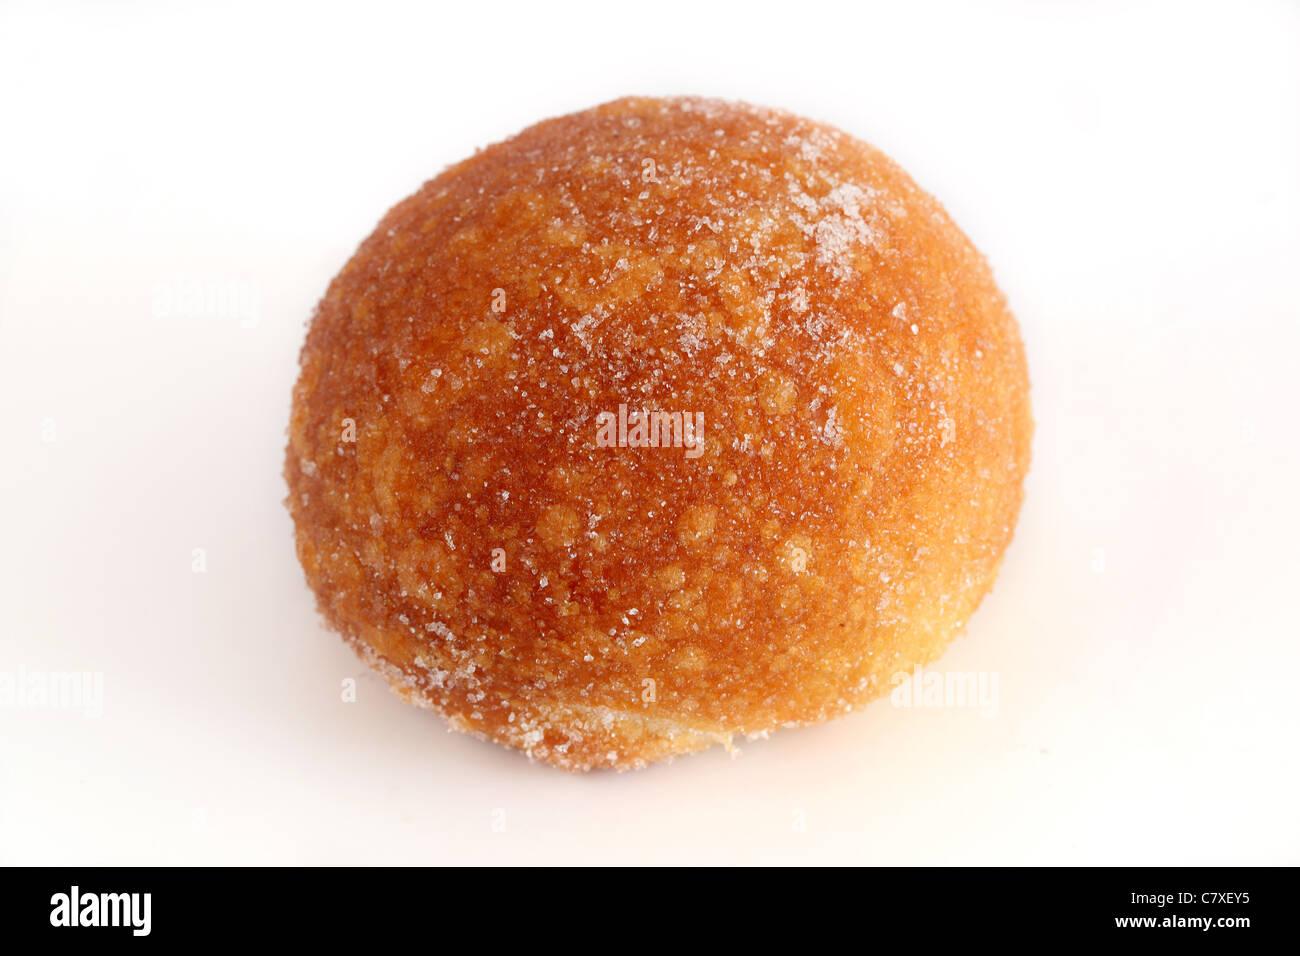 Briochette confiture Briochette jam - Stock Image